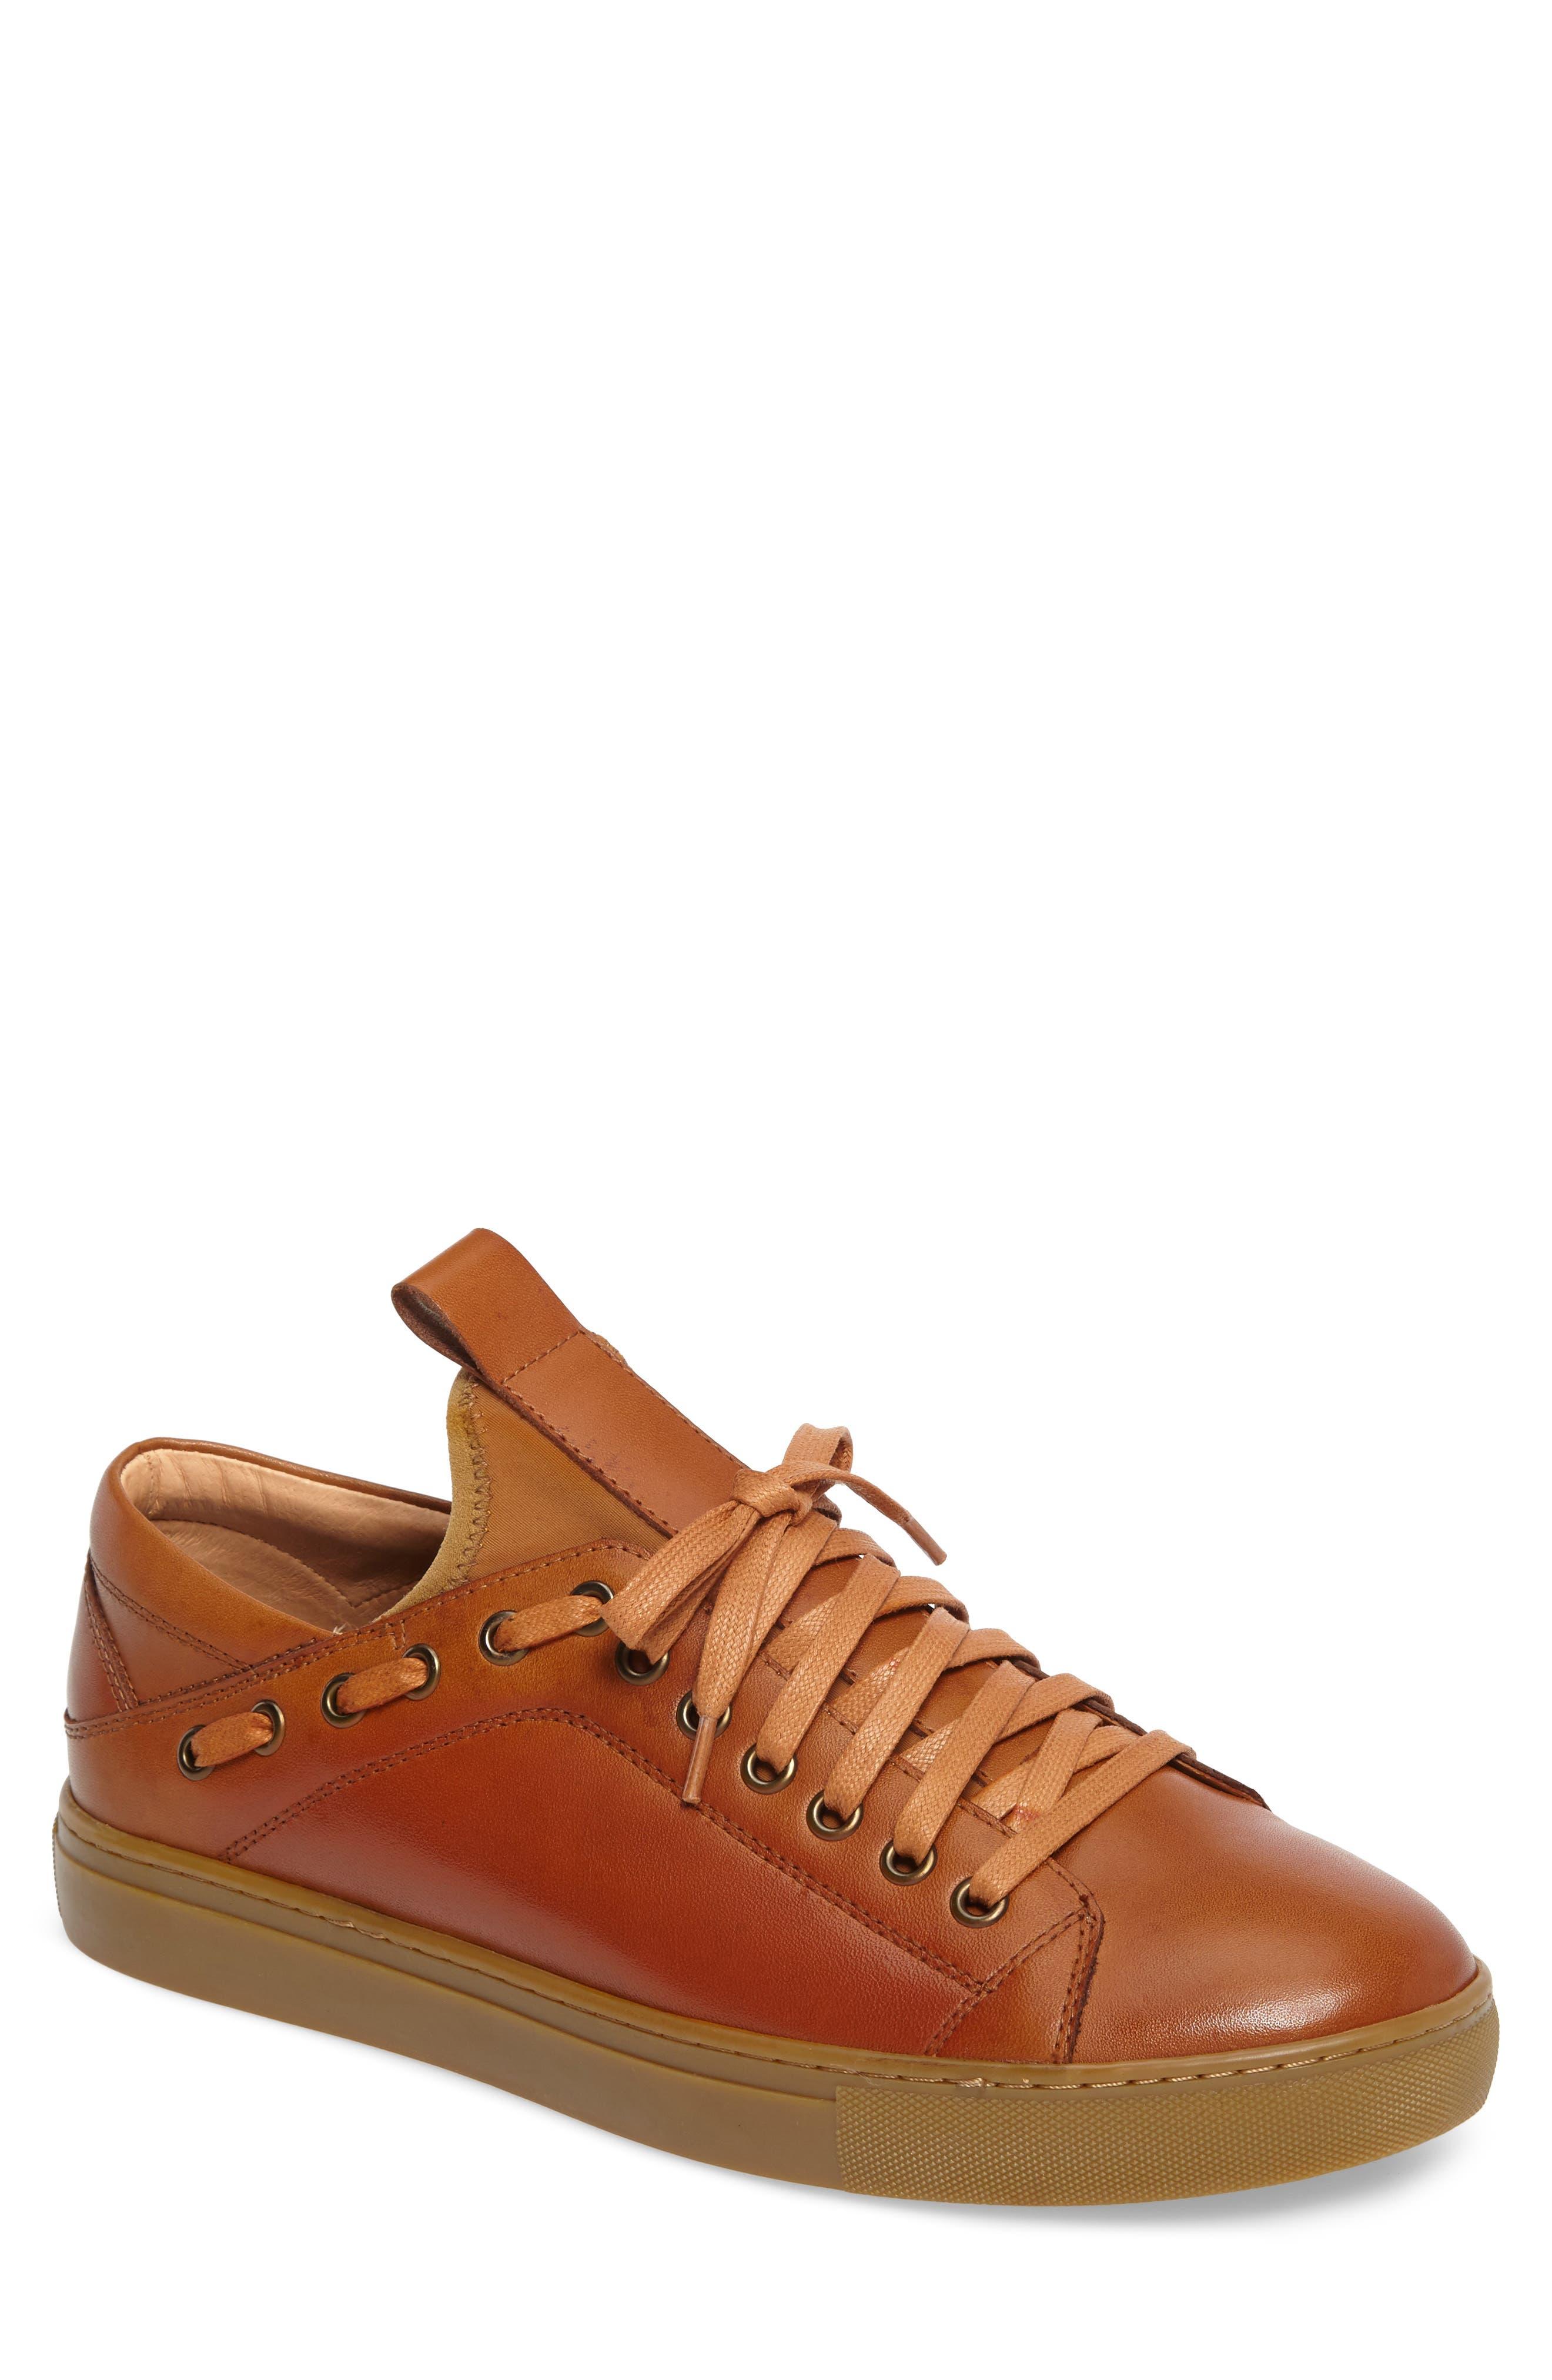 Owen Sneaker,                             Main thumbnail 1, color,                             Cognac Leather